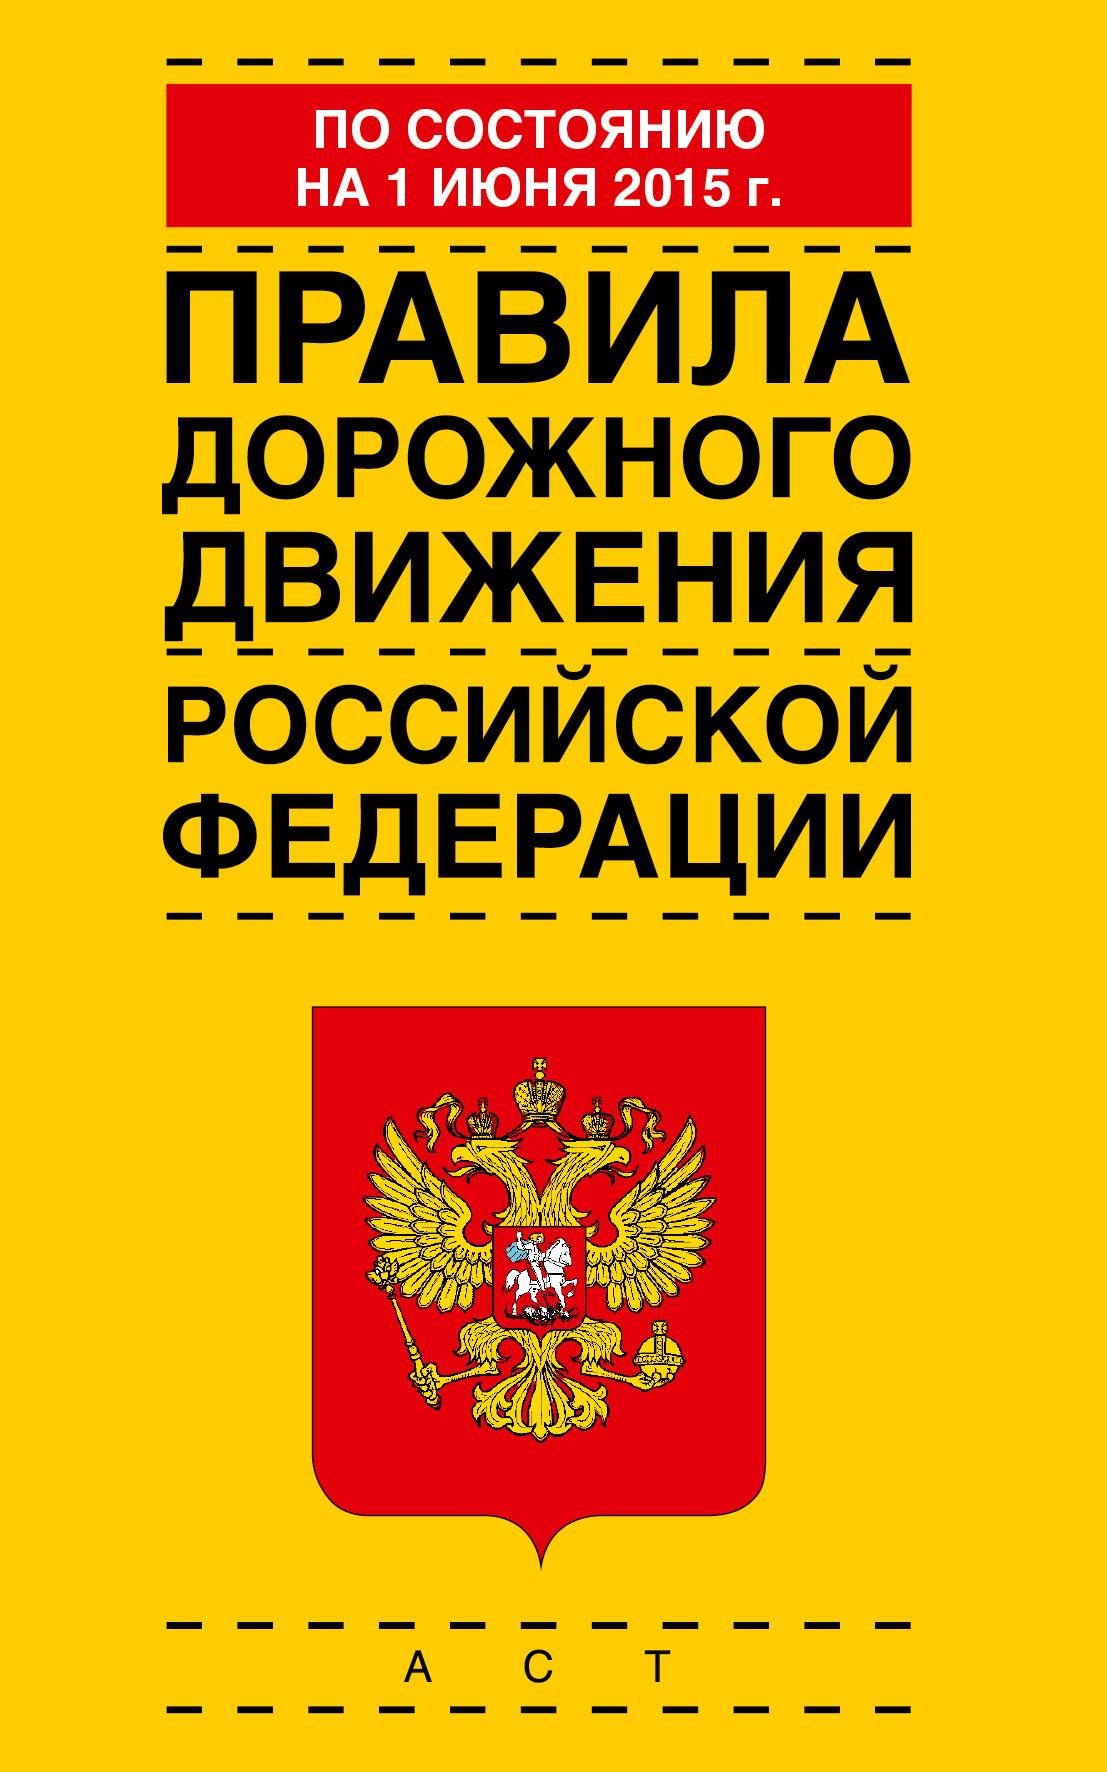 Правила дорожного движения Российской Федерации по состоянию на 01 июня 2015 года